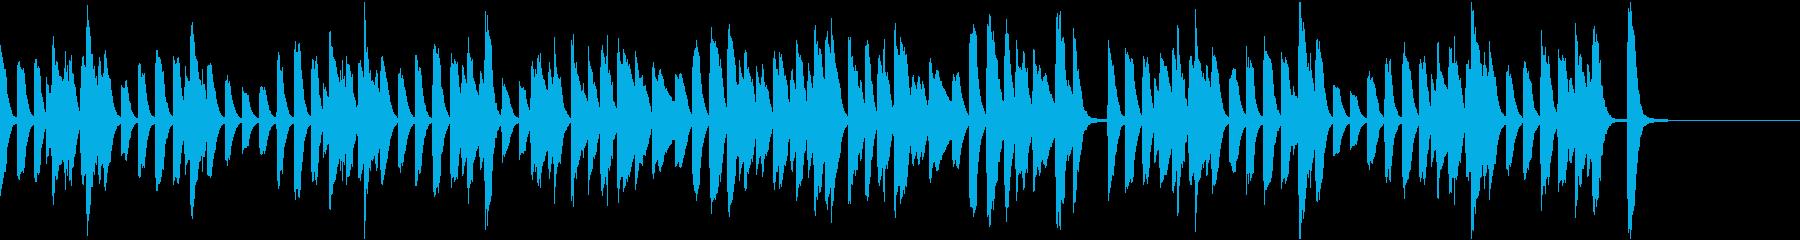 軽快で可愛らしい映像用ピアノソロの再生済みの波形